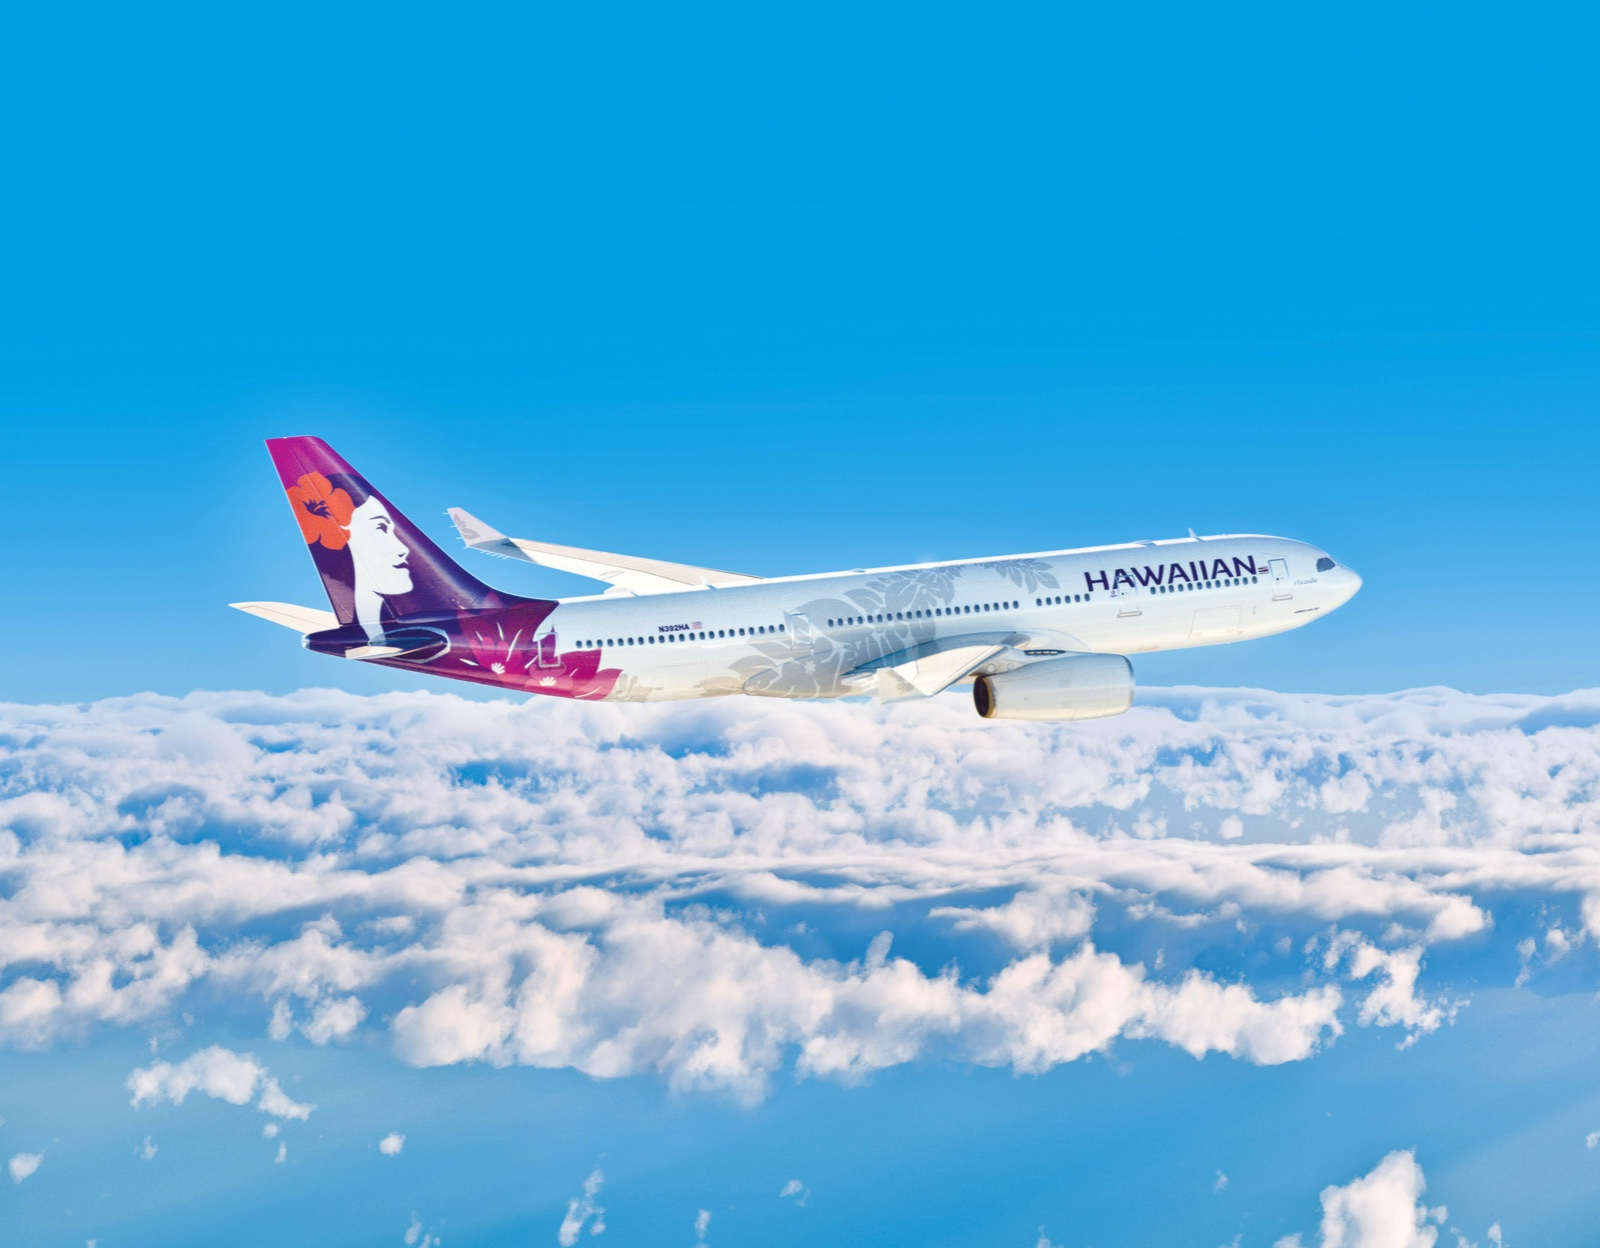 image-aircraft-design